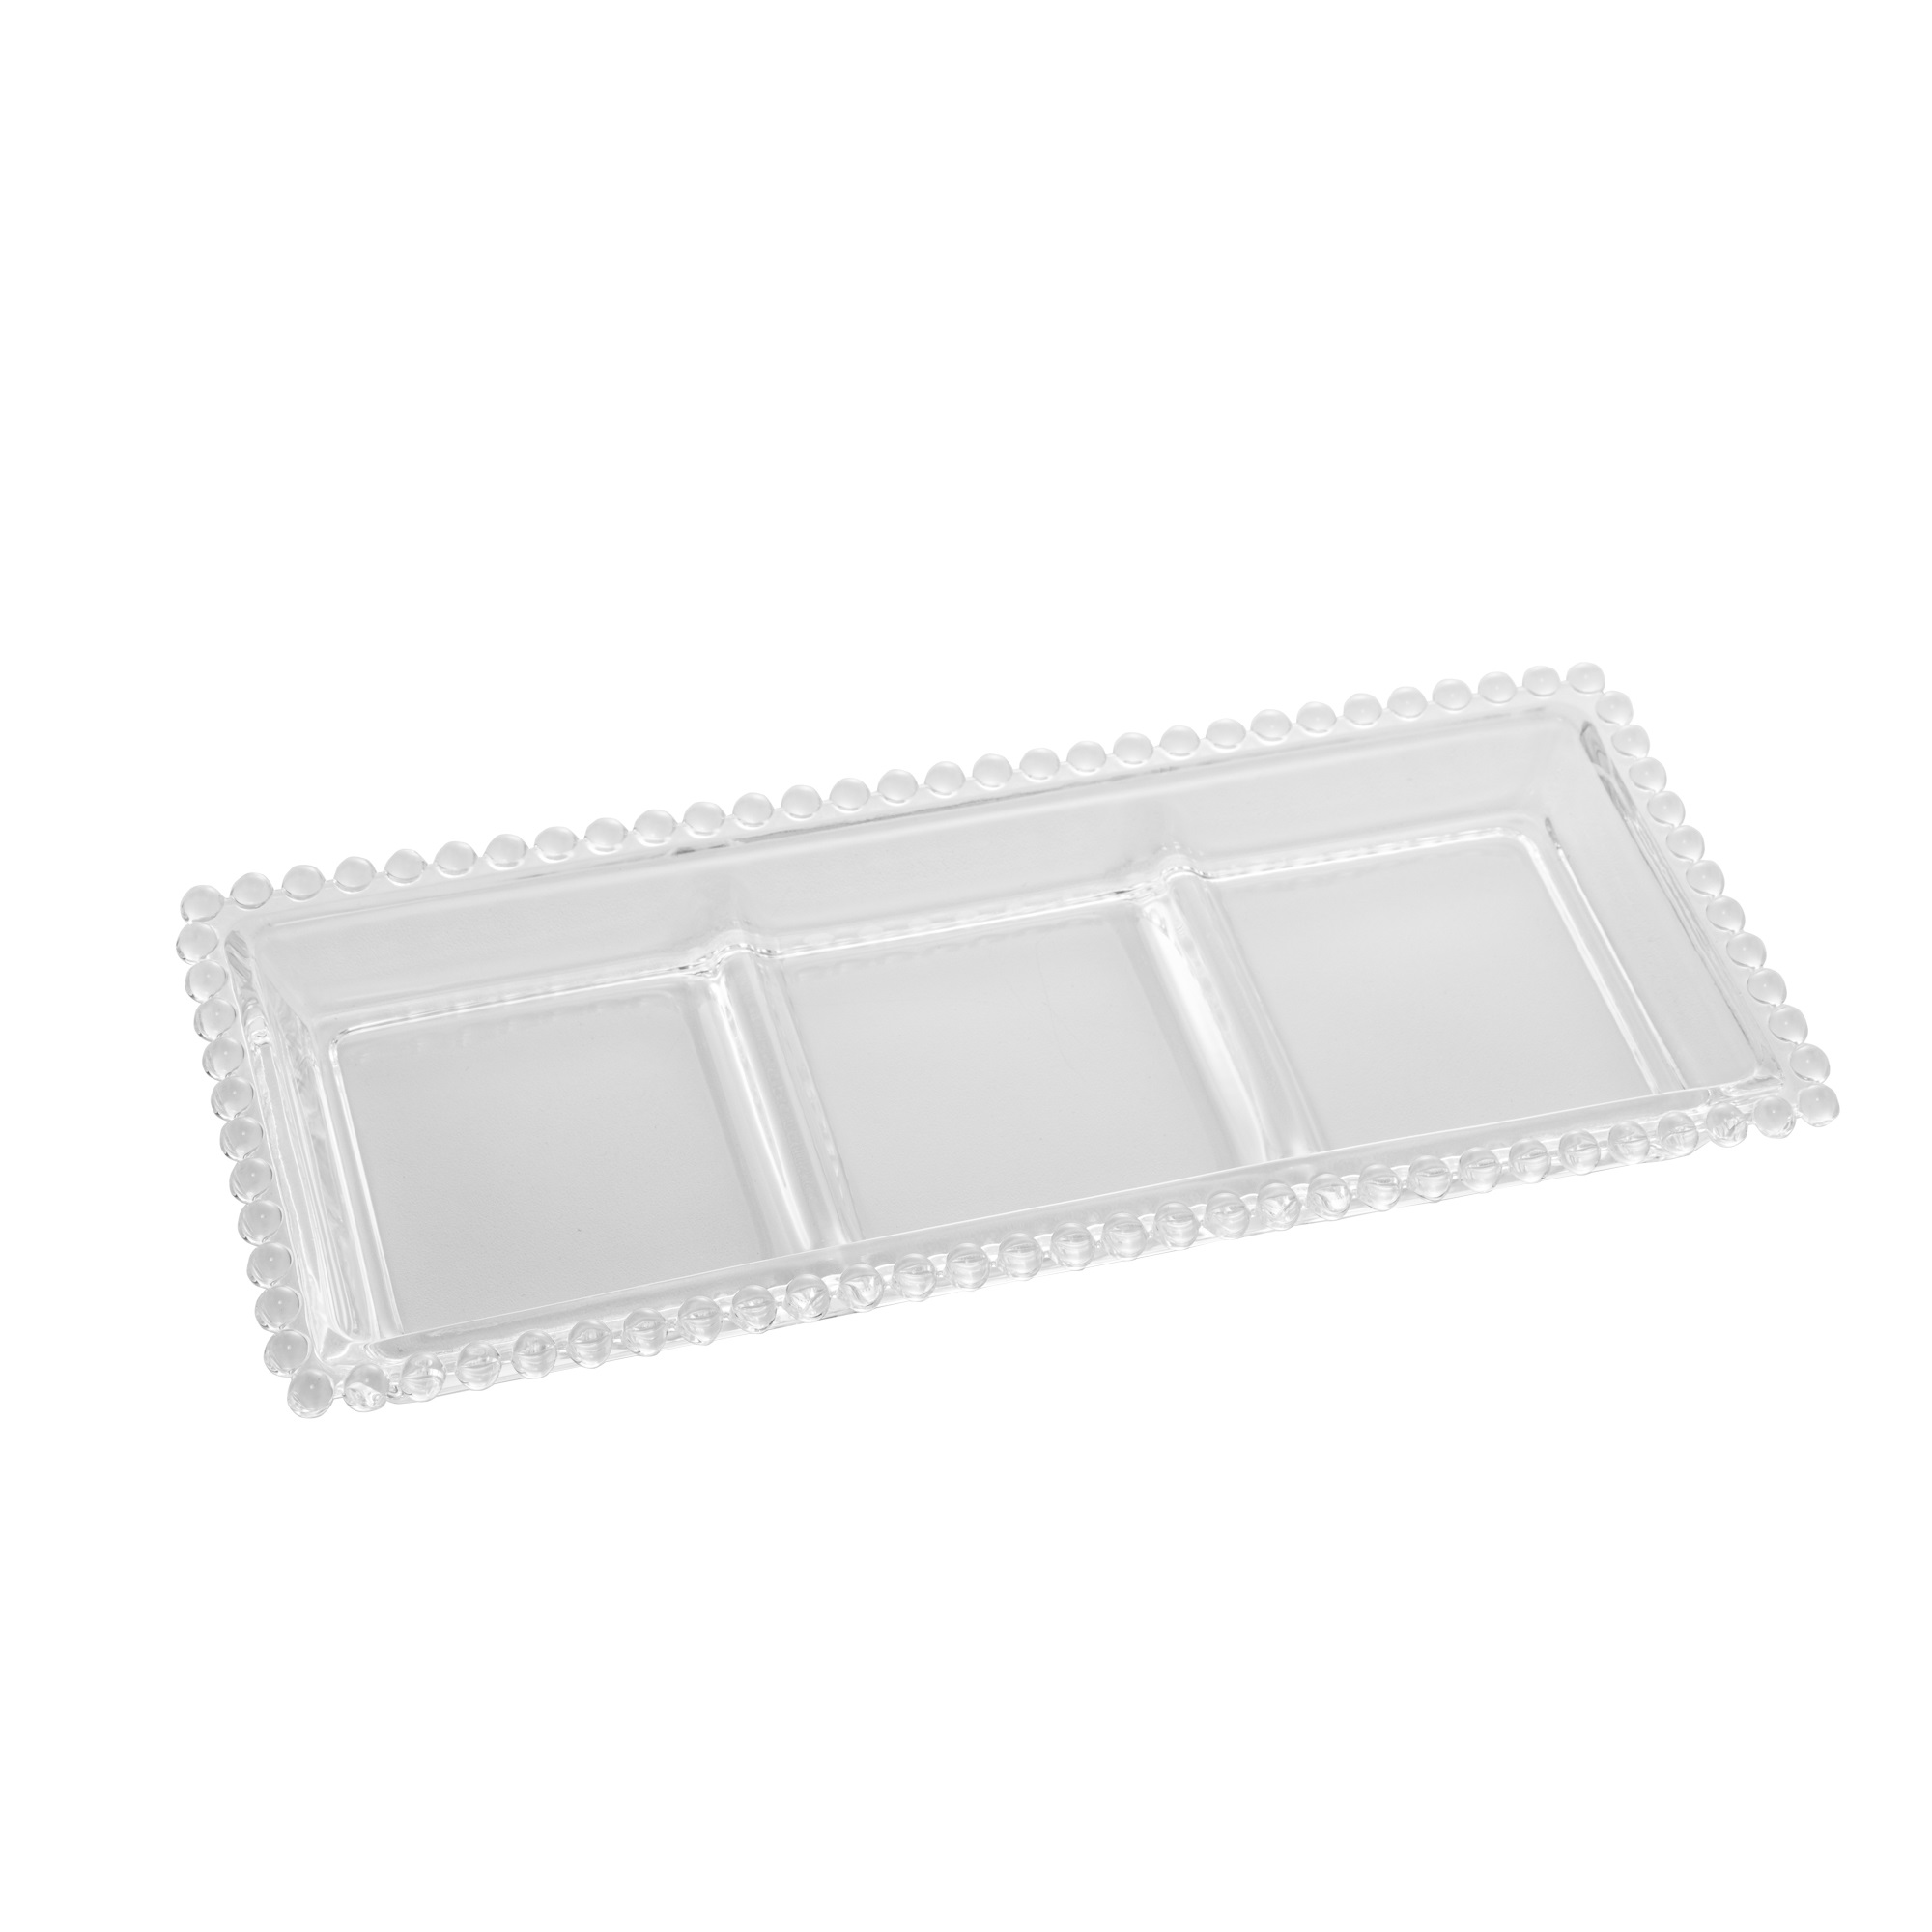 Petisqueira Vidro Pearl 3 Divisões 30Cm - Wolff